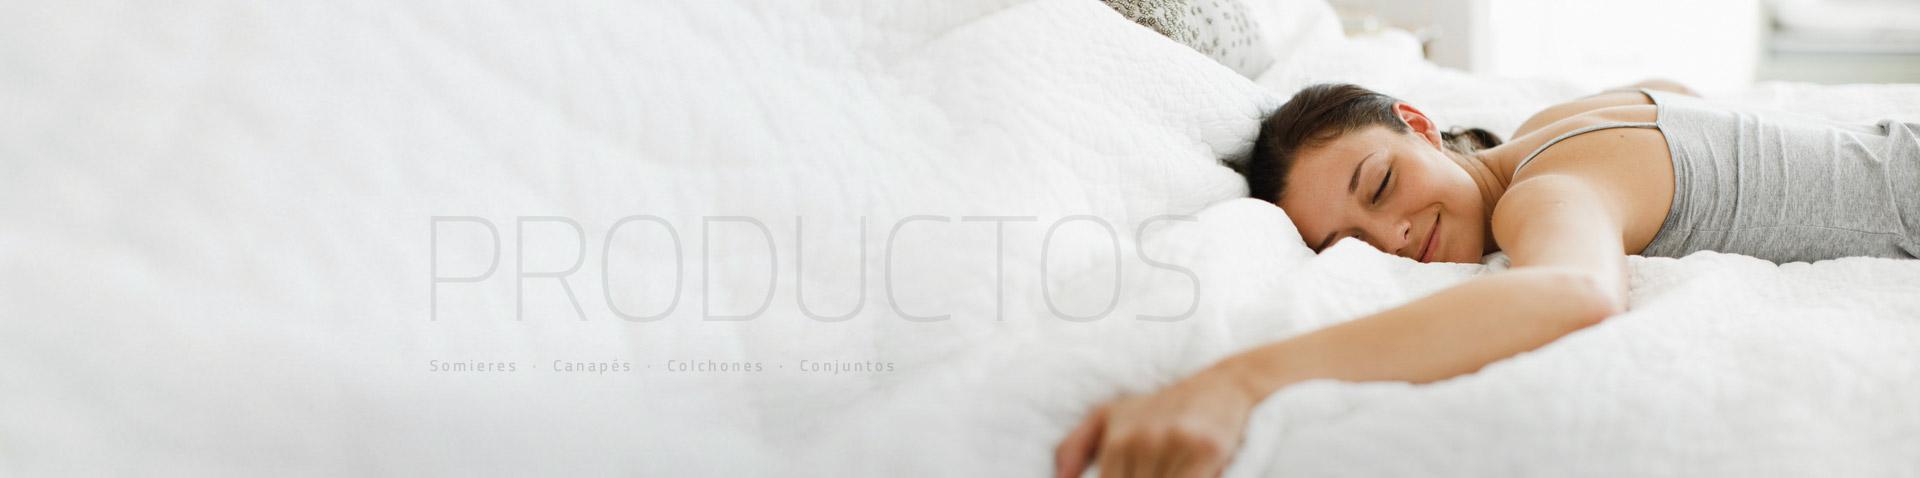 domotex catalogo productos